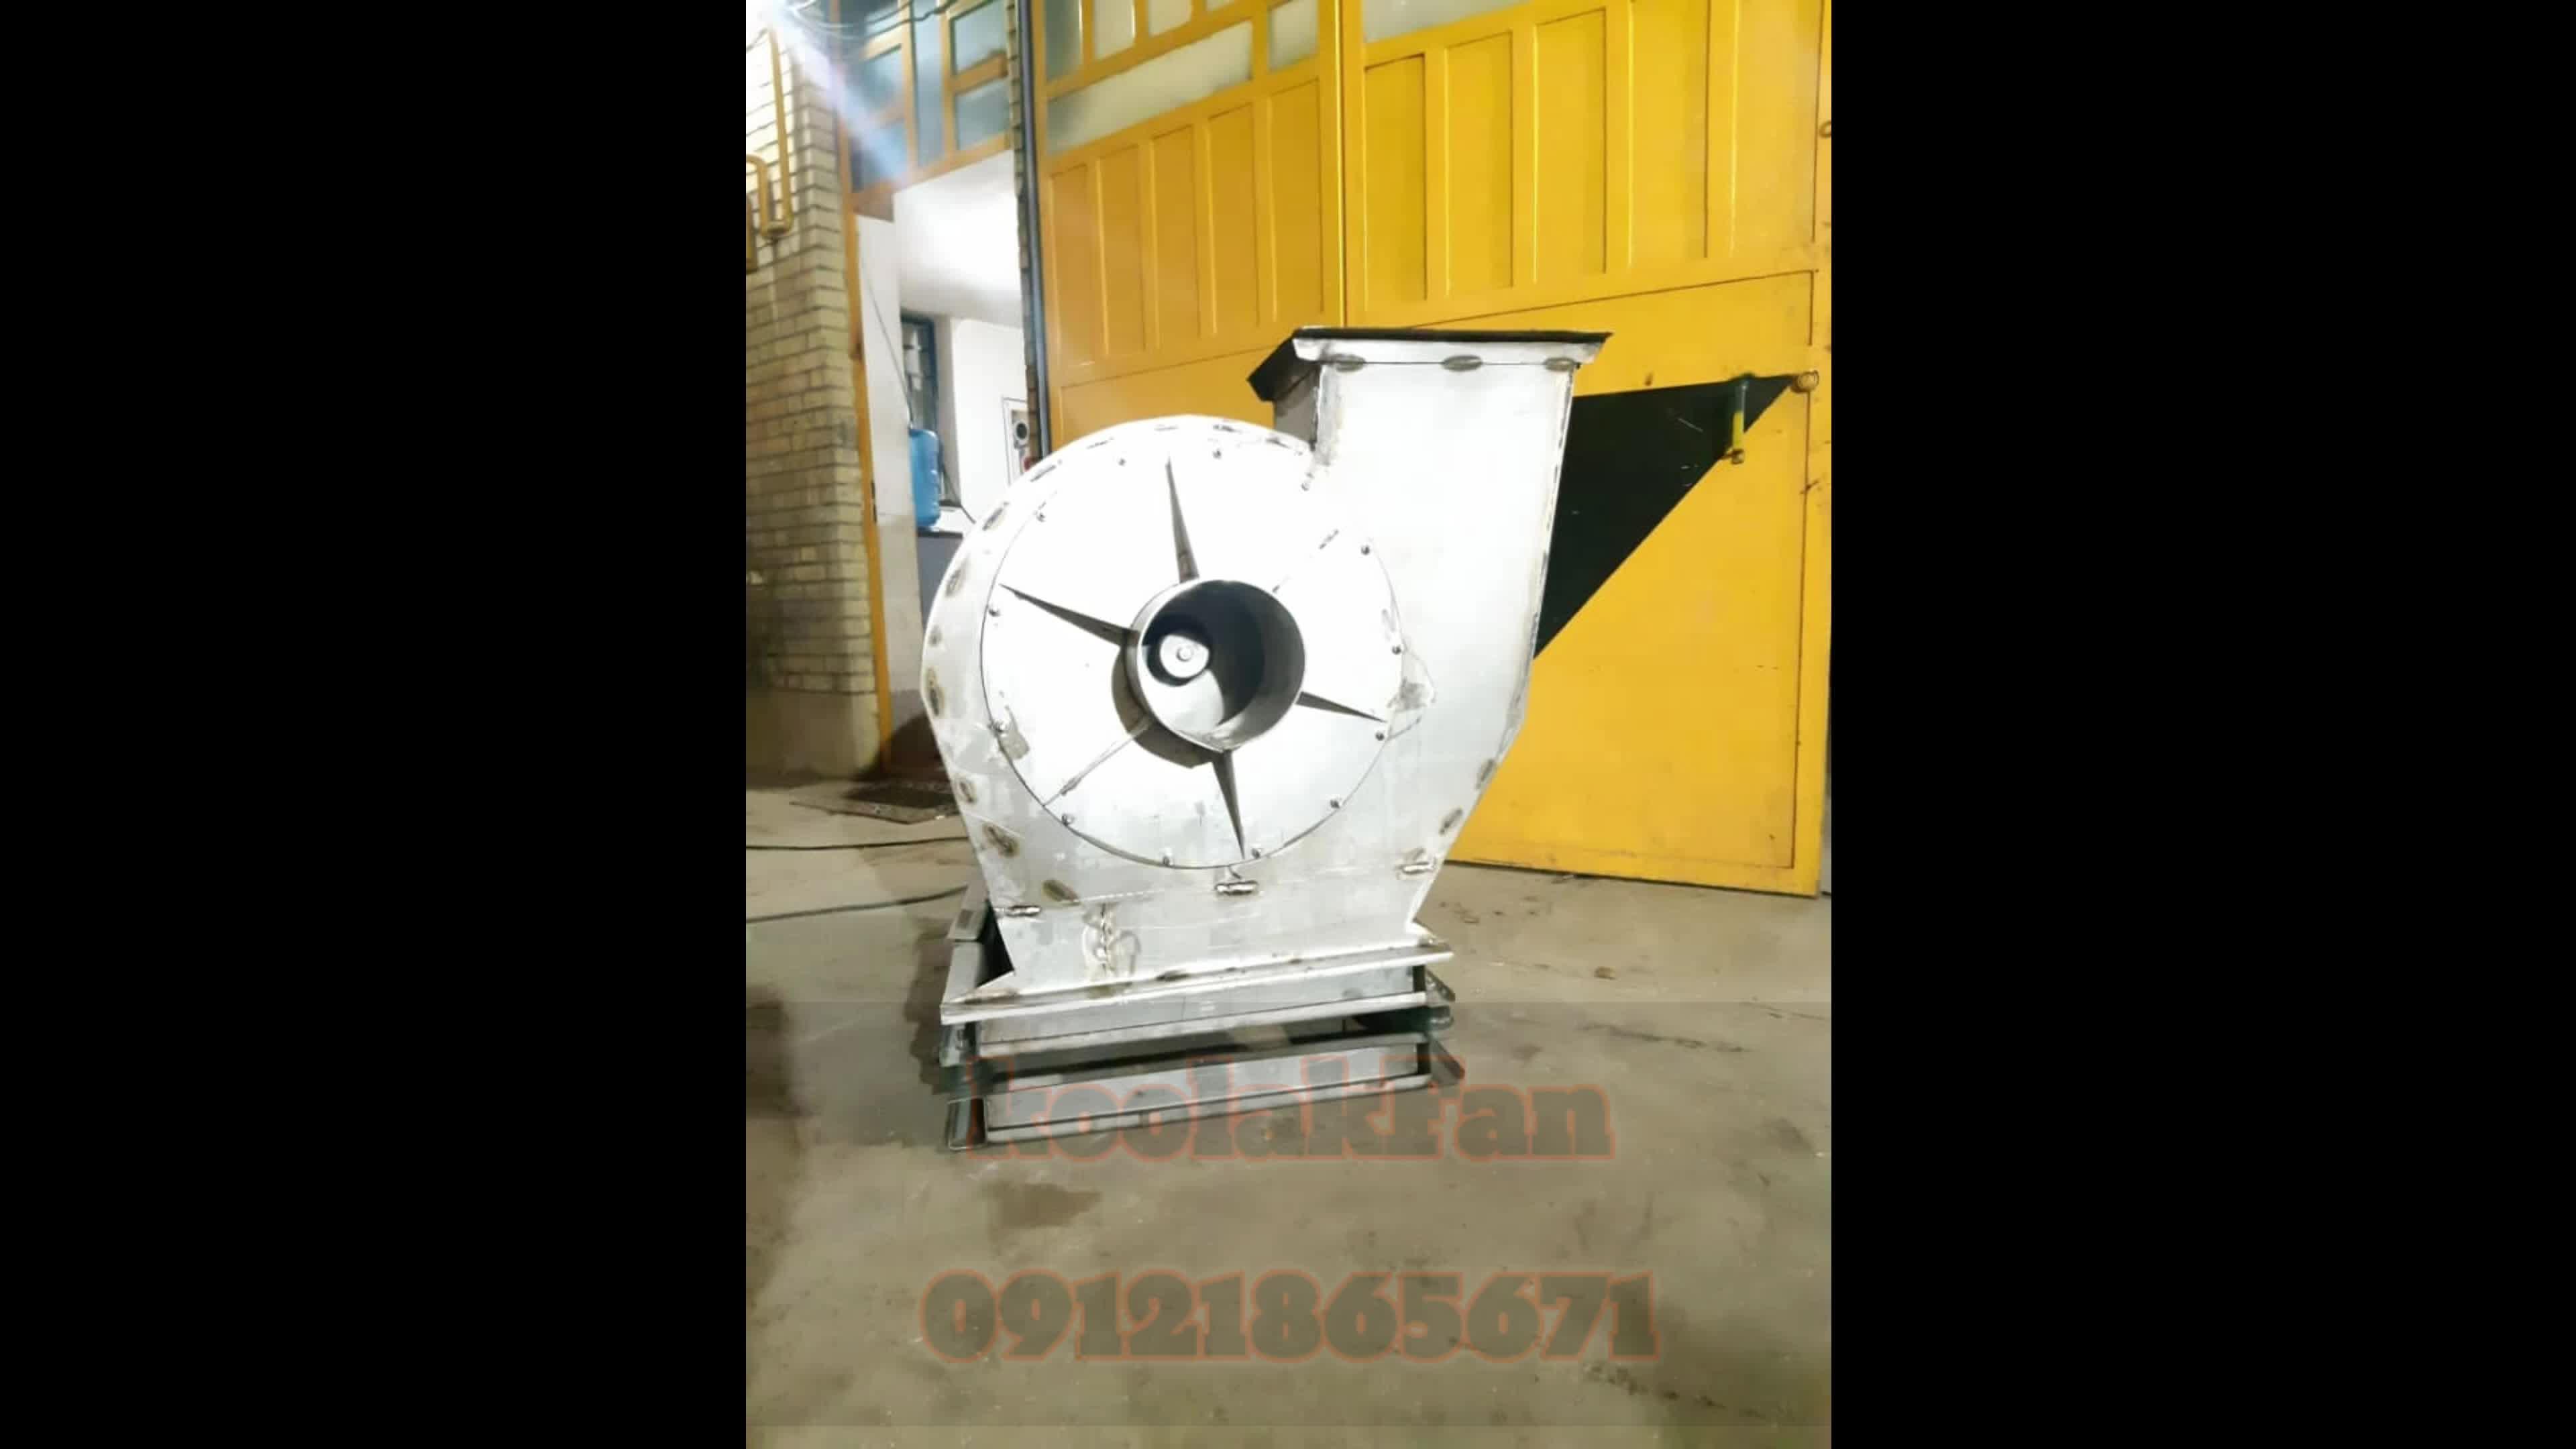 هواکش ضد اسید کارخانه سیمان09121865671